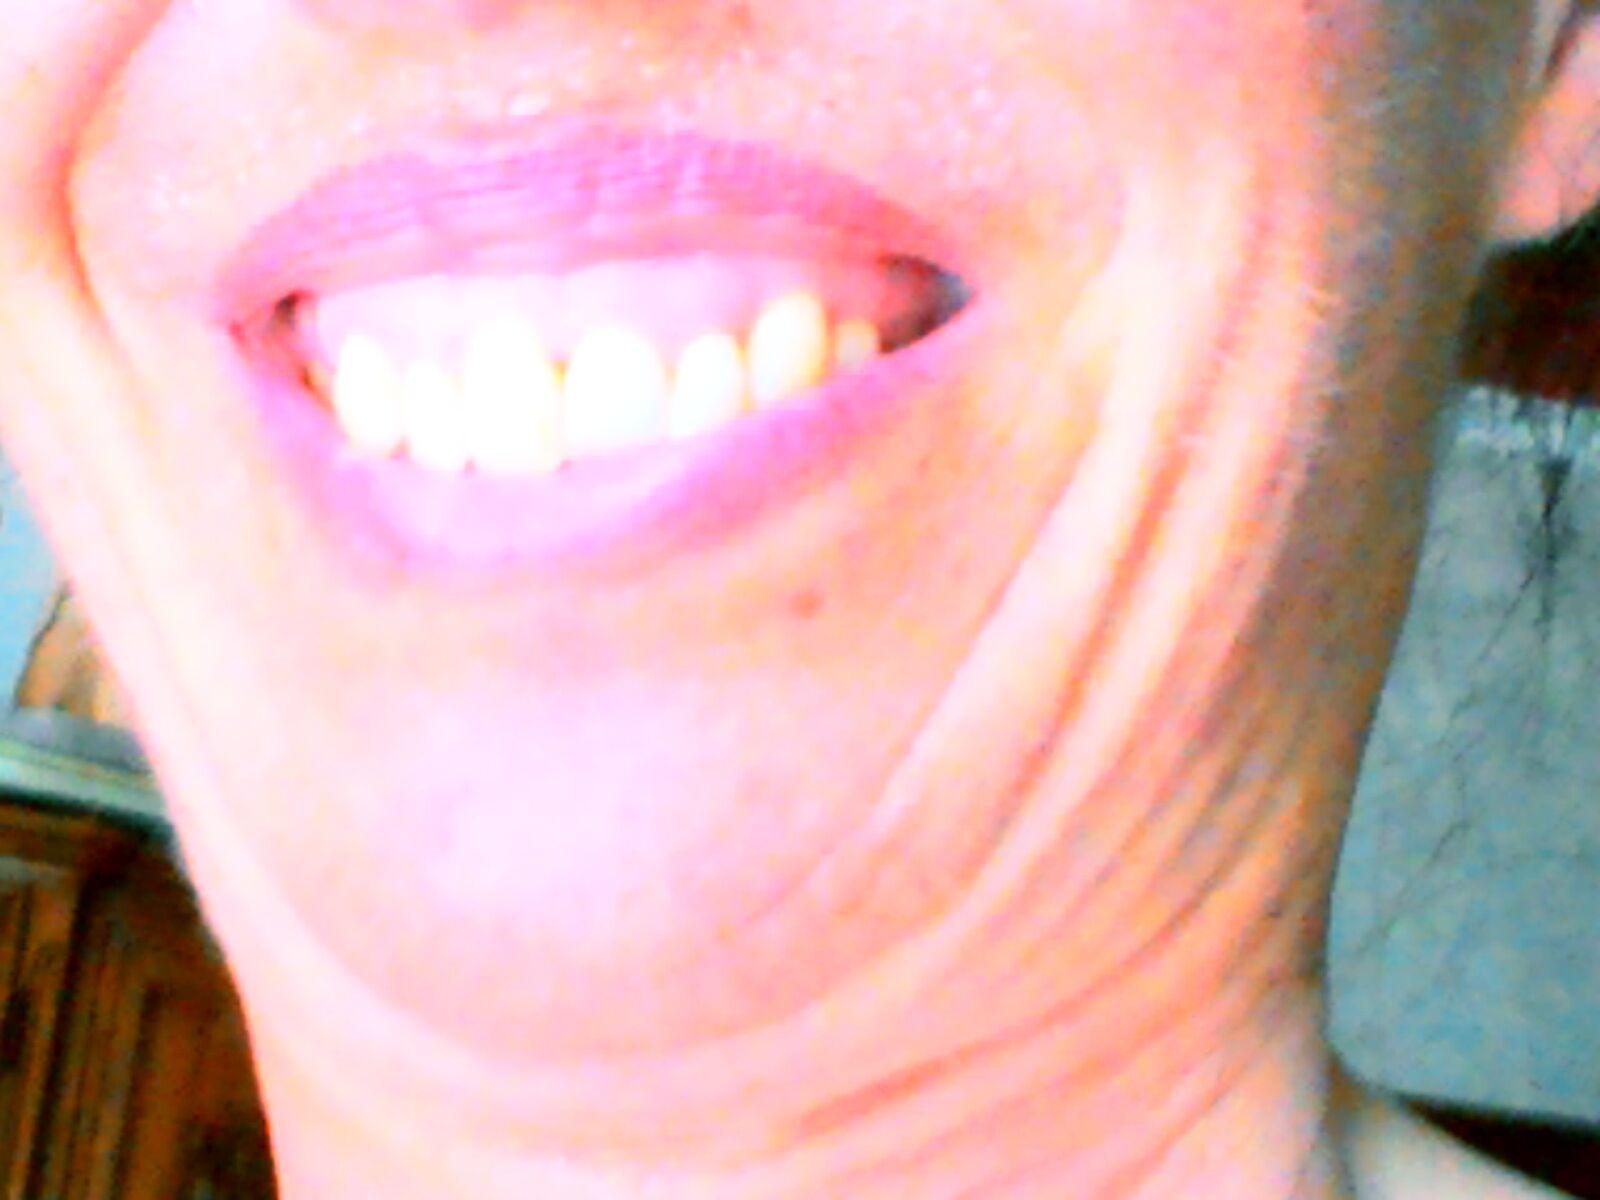 Il mio sorriso potrei correggerlo riattaccando il frenulo?